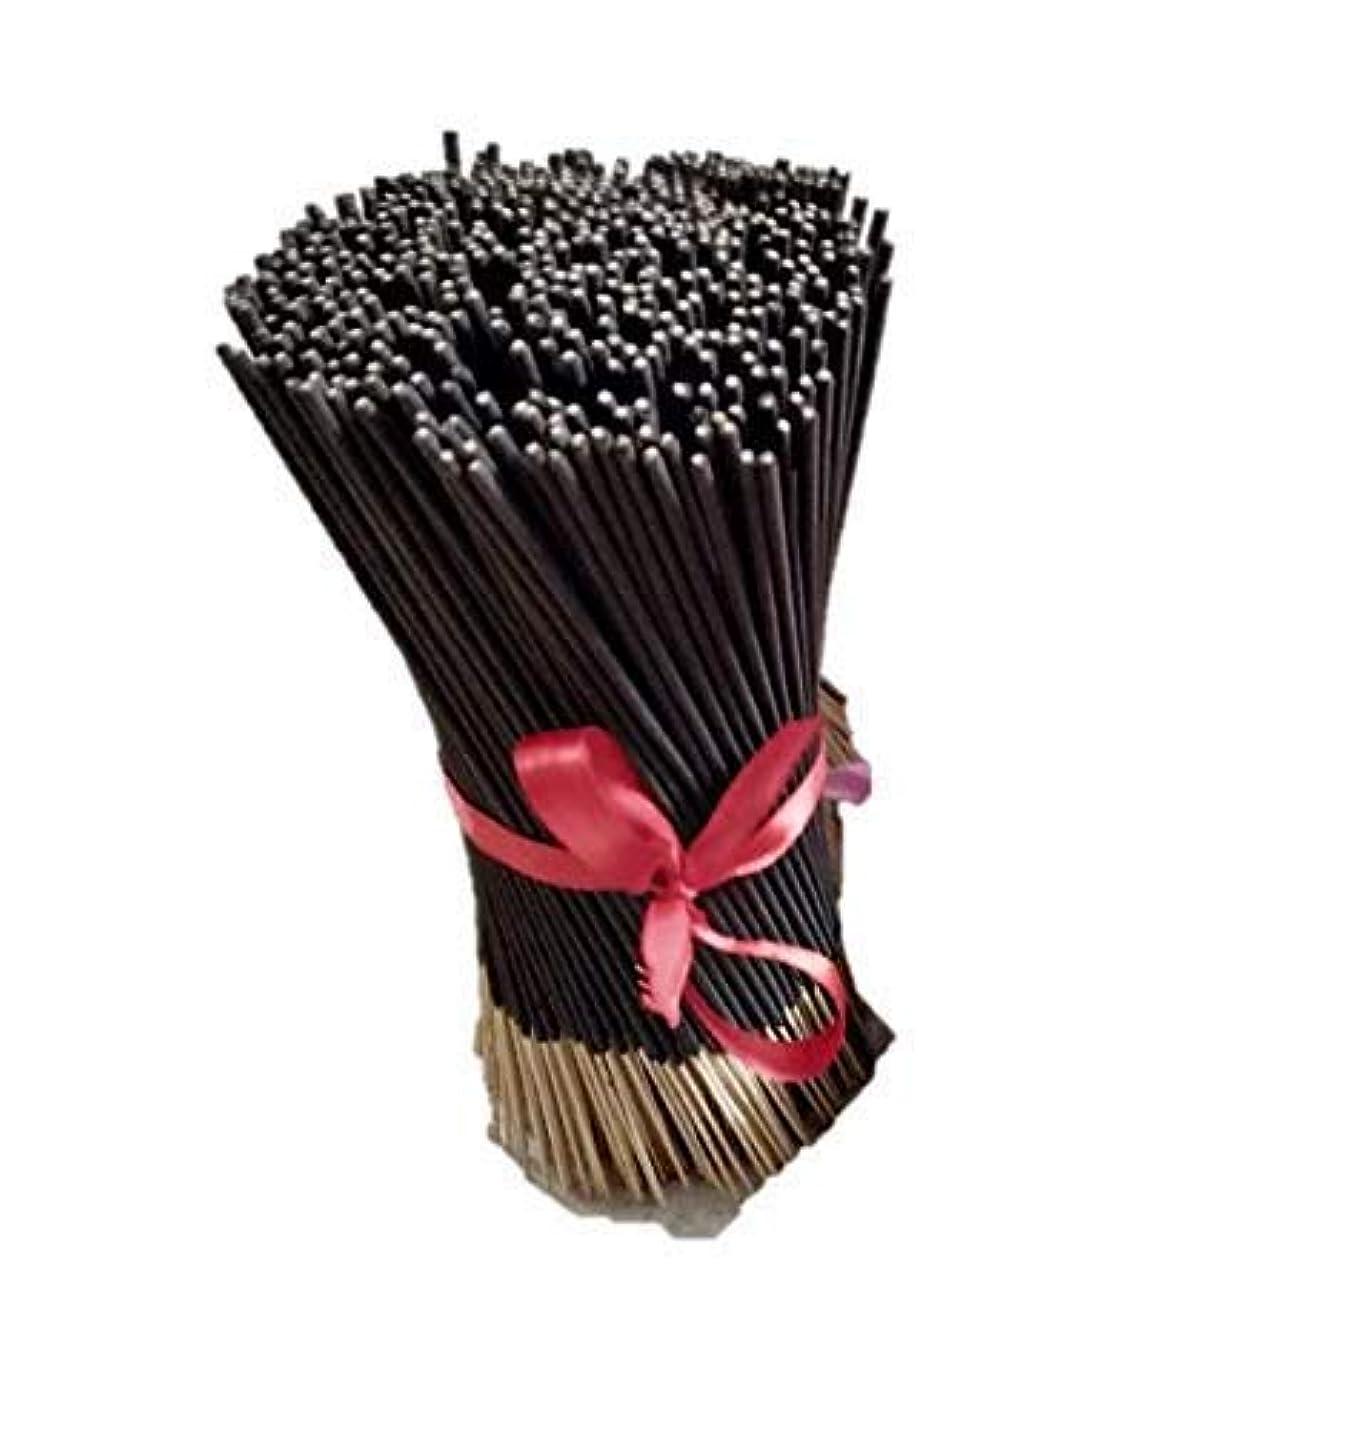 心のこもったハントブレスAroma Natural Products Raw Charcoal Incense Stick 1 Kilograms